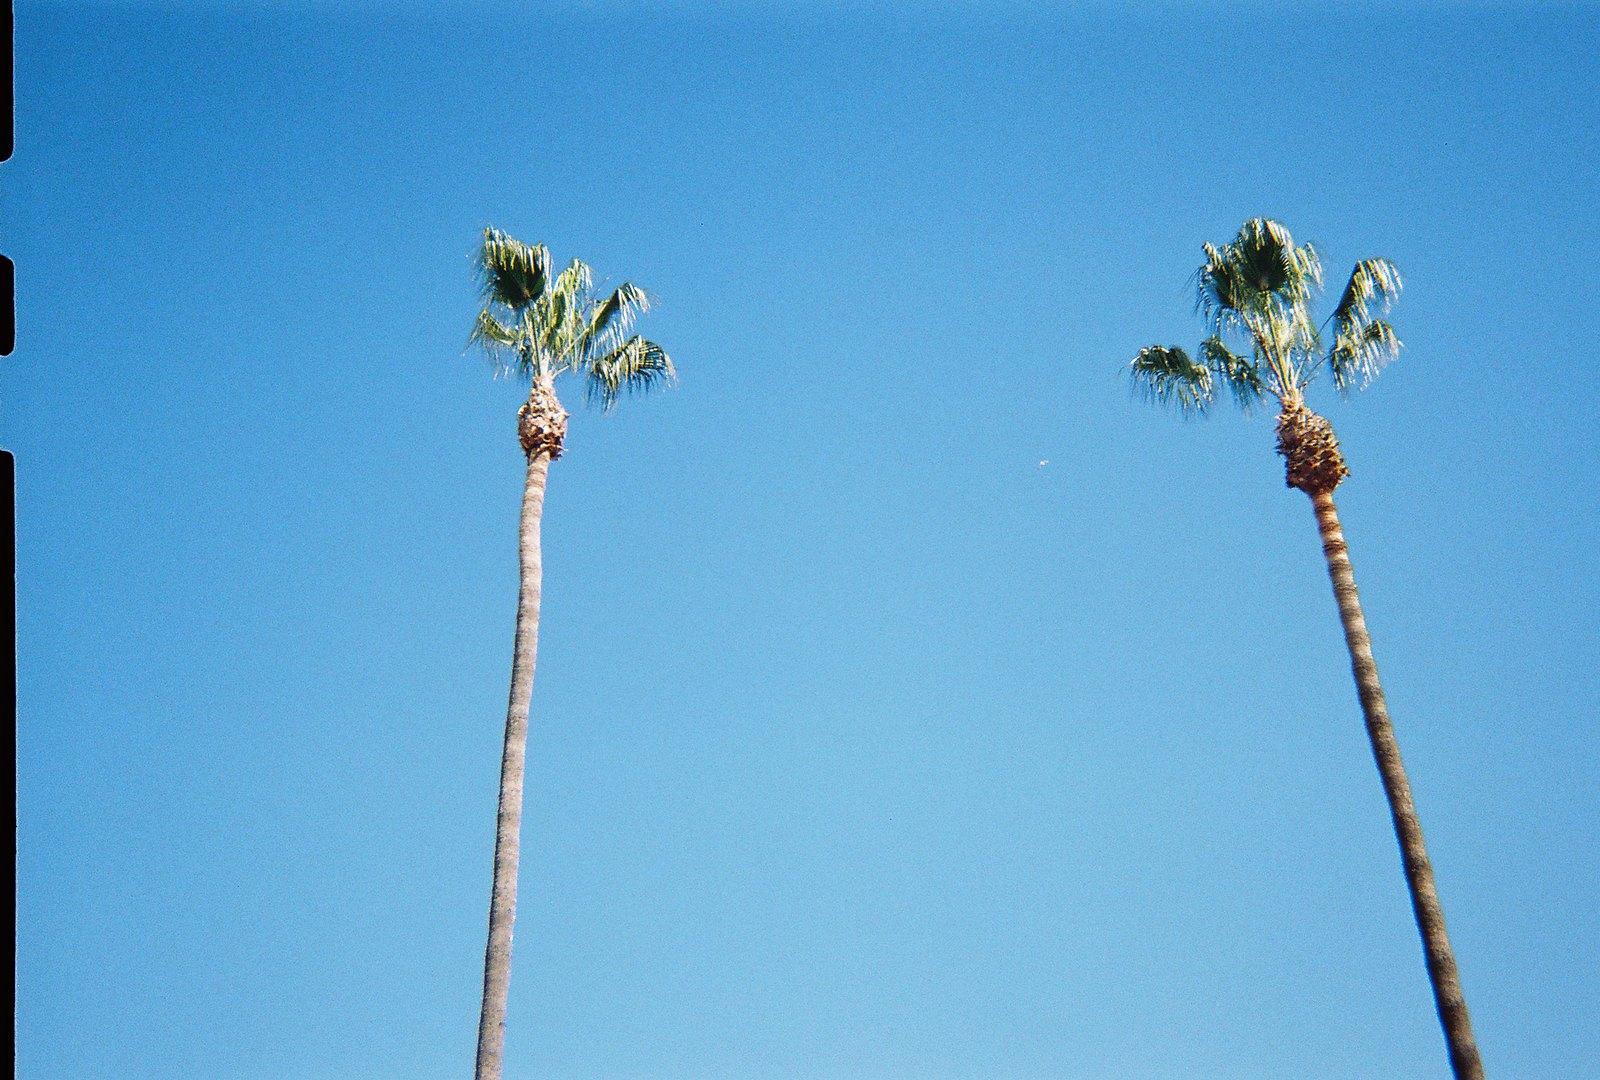 Lisa Hiatt Flickr